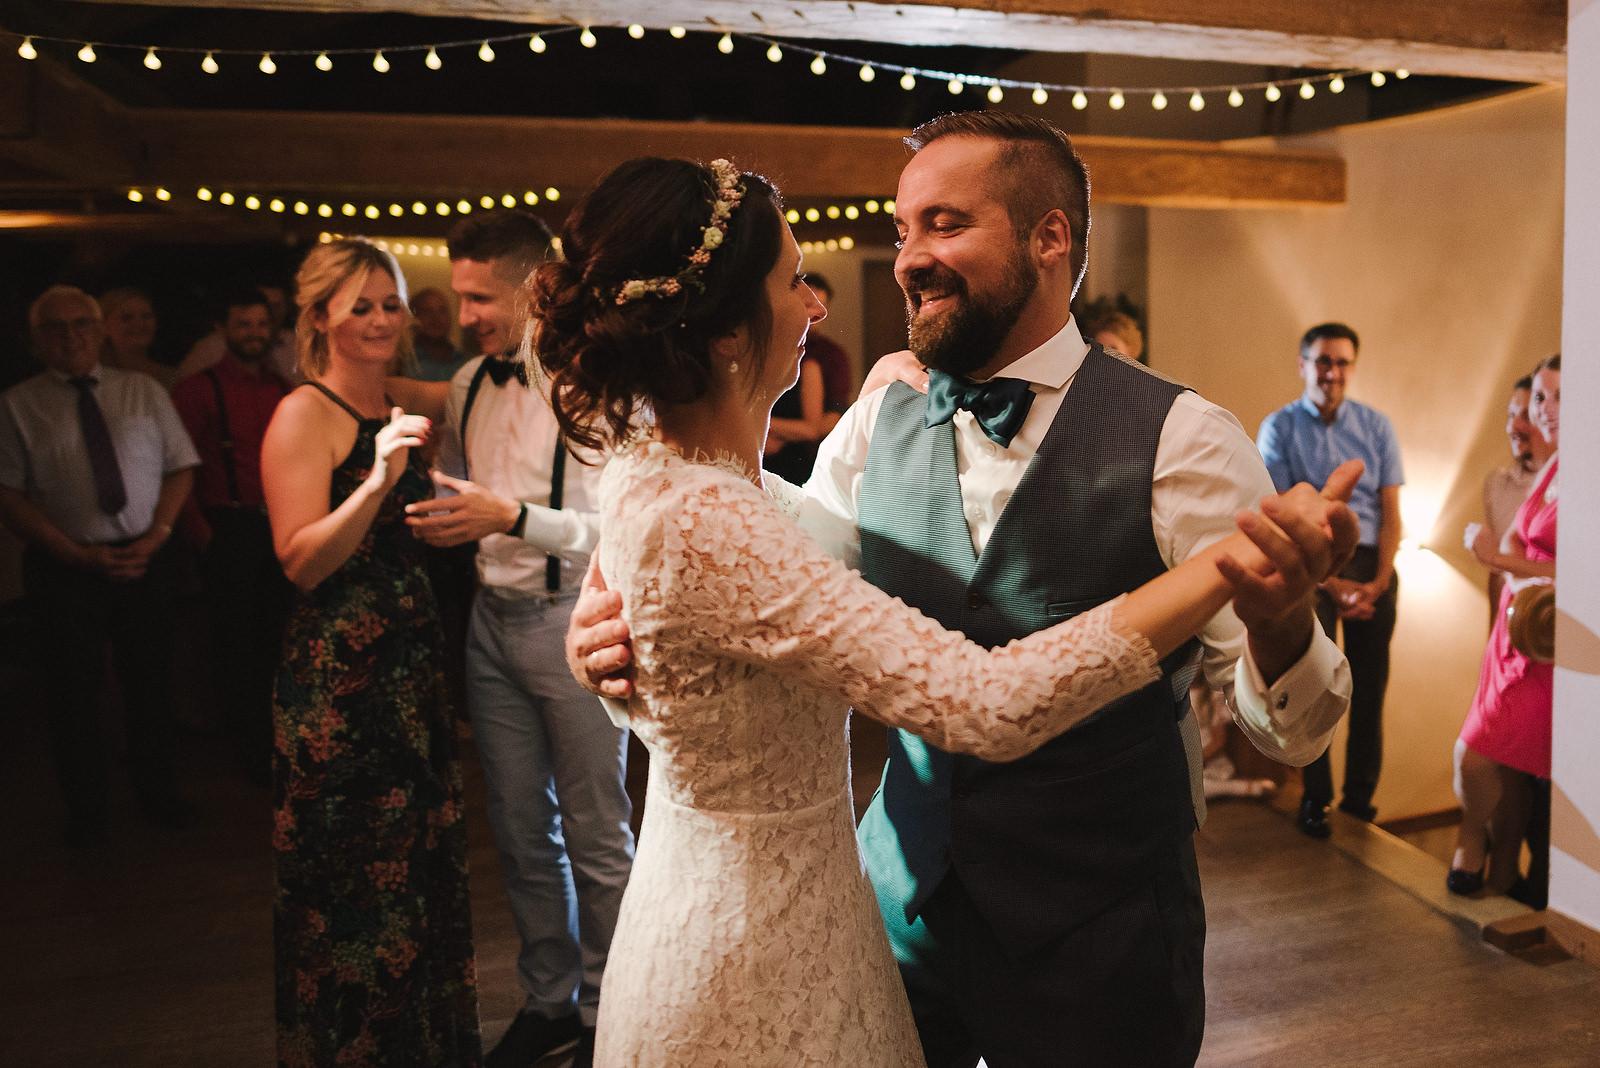 Fotograf Konstanz - Hochzeitsfotograf Reutlingen Achalm Hochzeit EFP 101 - Documentary wedding story on the Achalm, Reutlingen  - 80 -